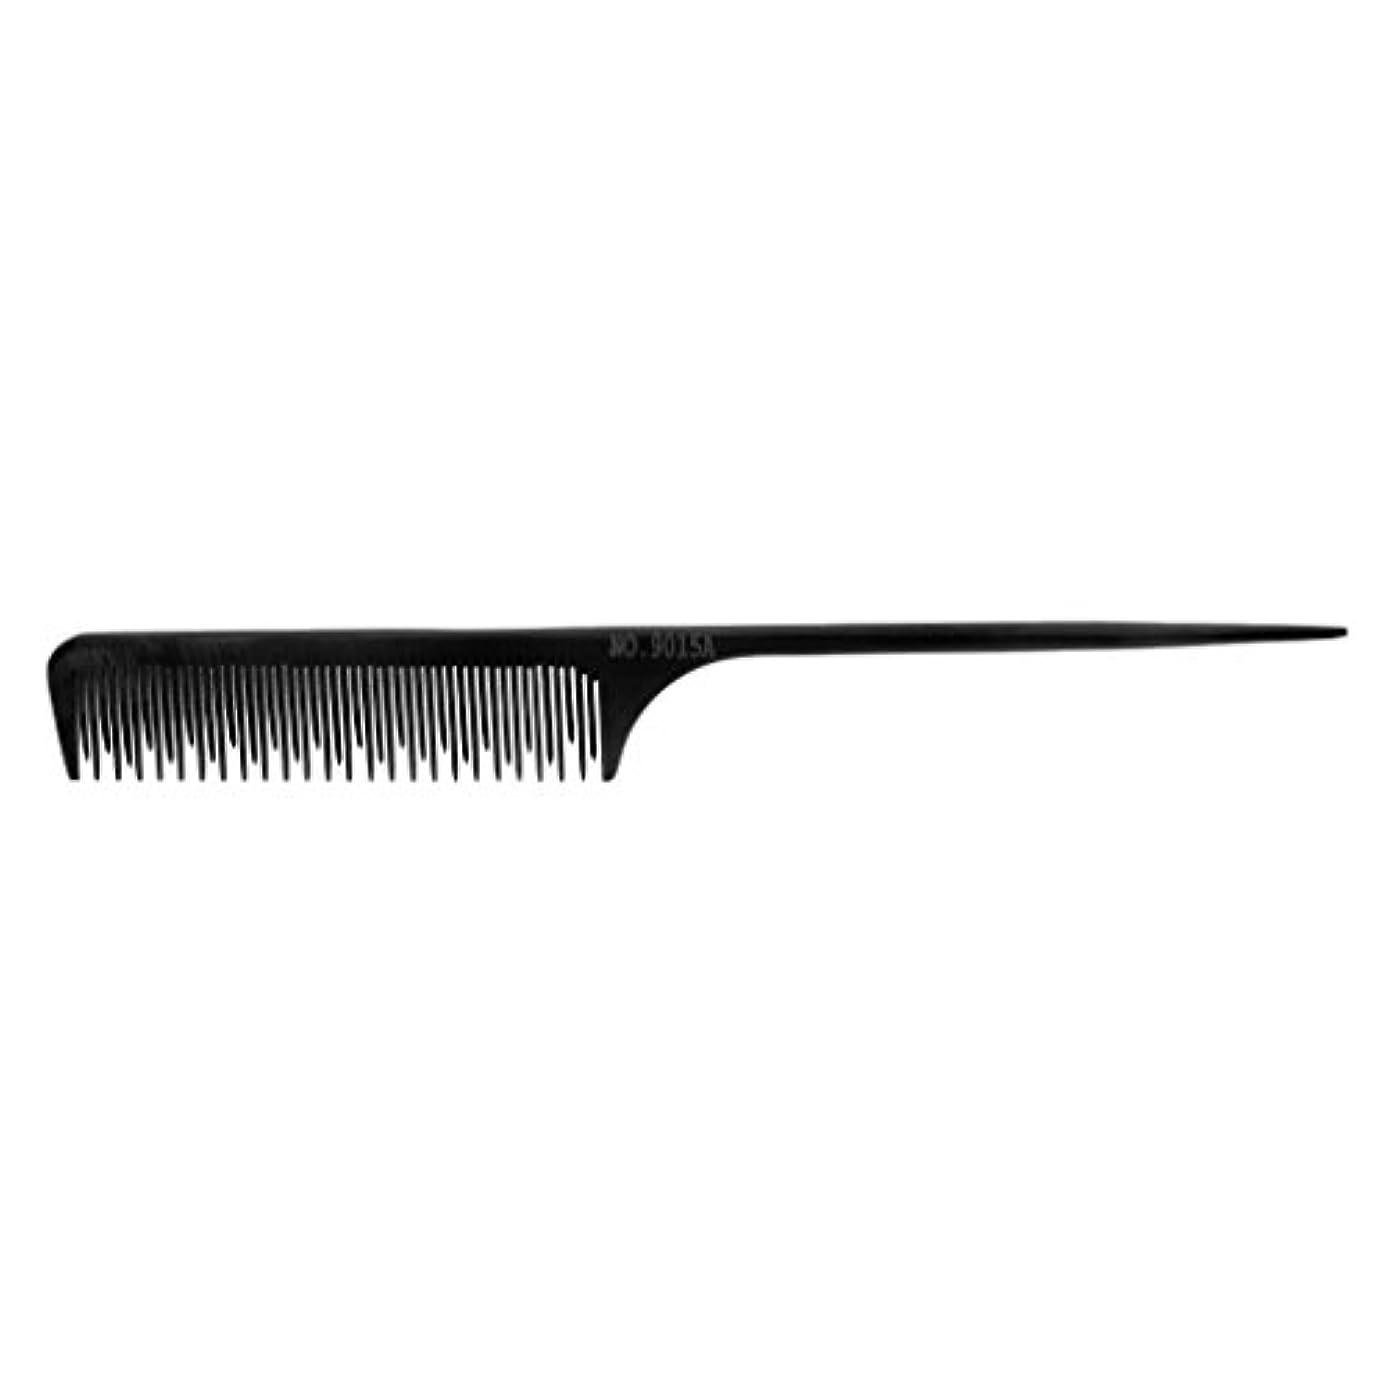 ペネロペ会計士交換1Pcの黒いプラスチック良い歯の理髪のヘアースタイルの大広間の帯電防止櫛